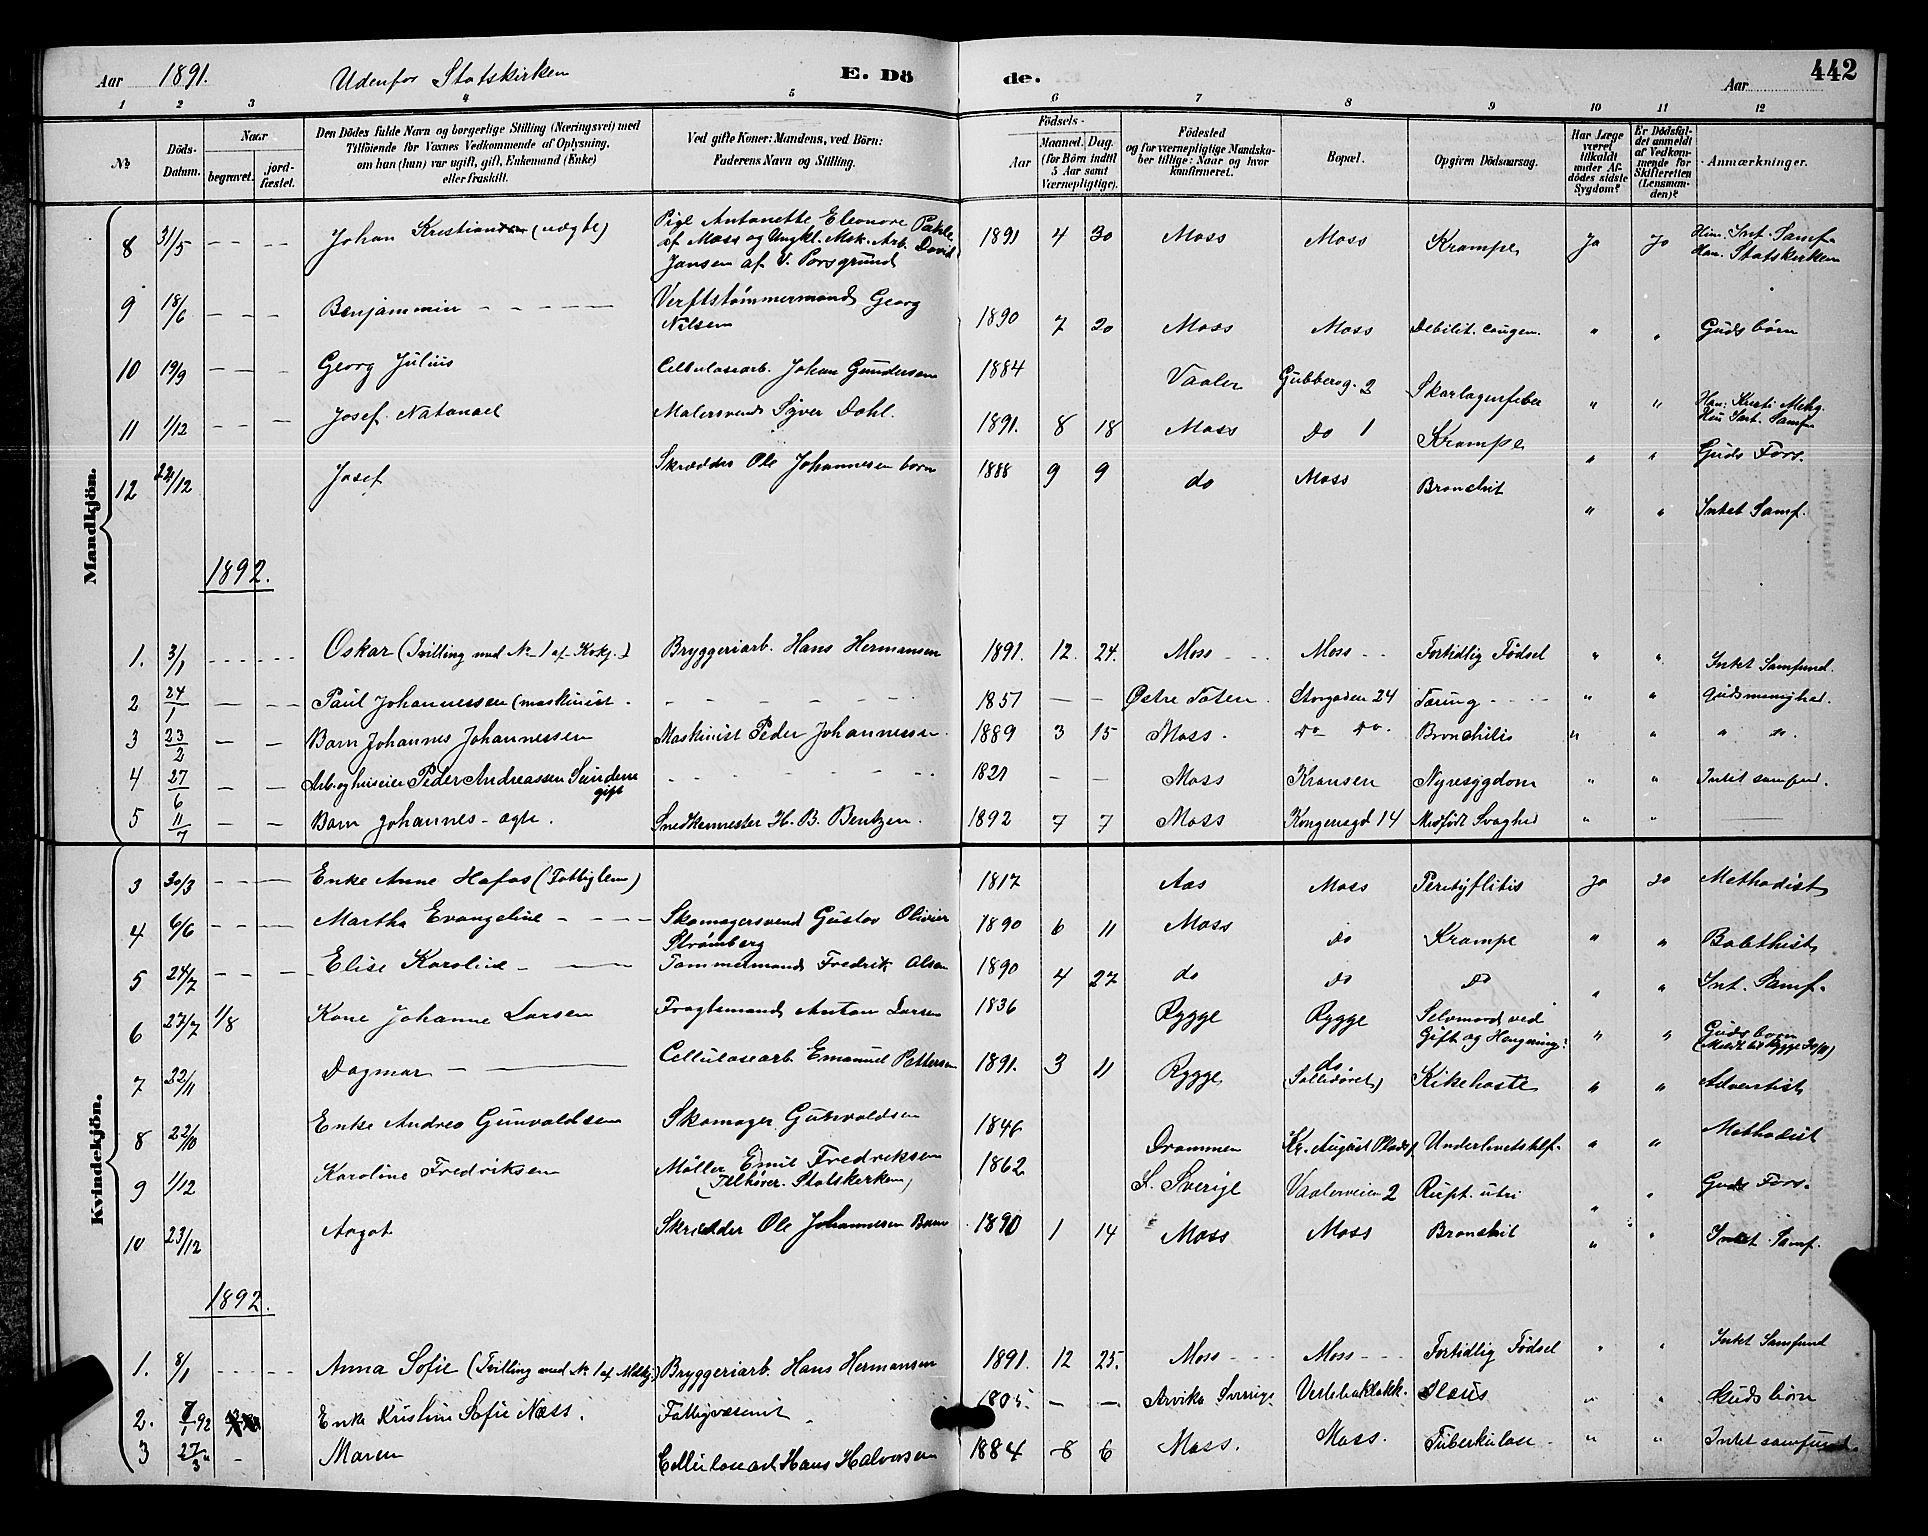 SAO, Moss prestekontor Kirkebøker, G/Ga/L0006: Klokkerbok nr. I 6, 1889-1900, s. 442